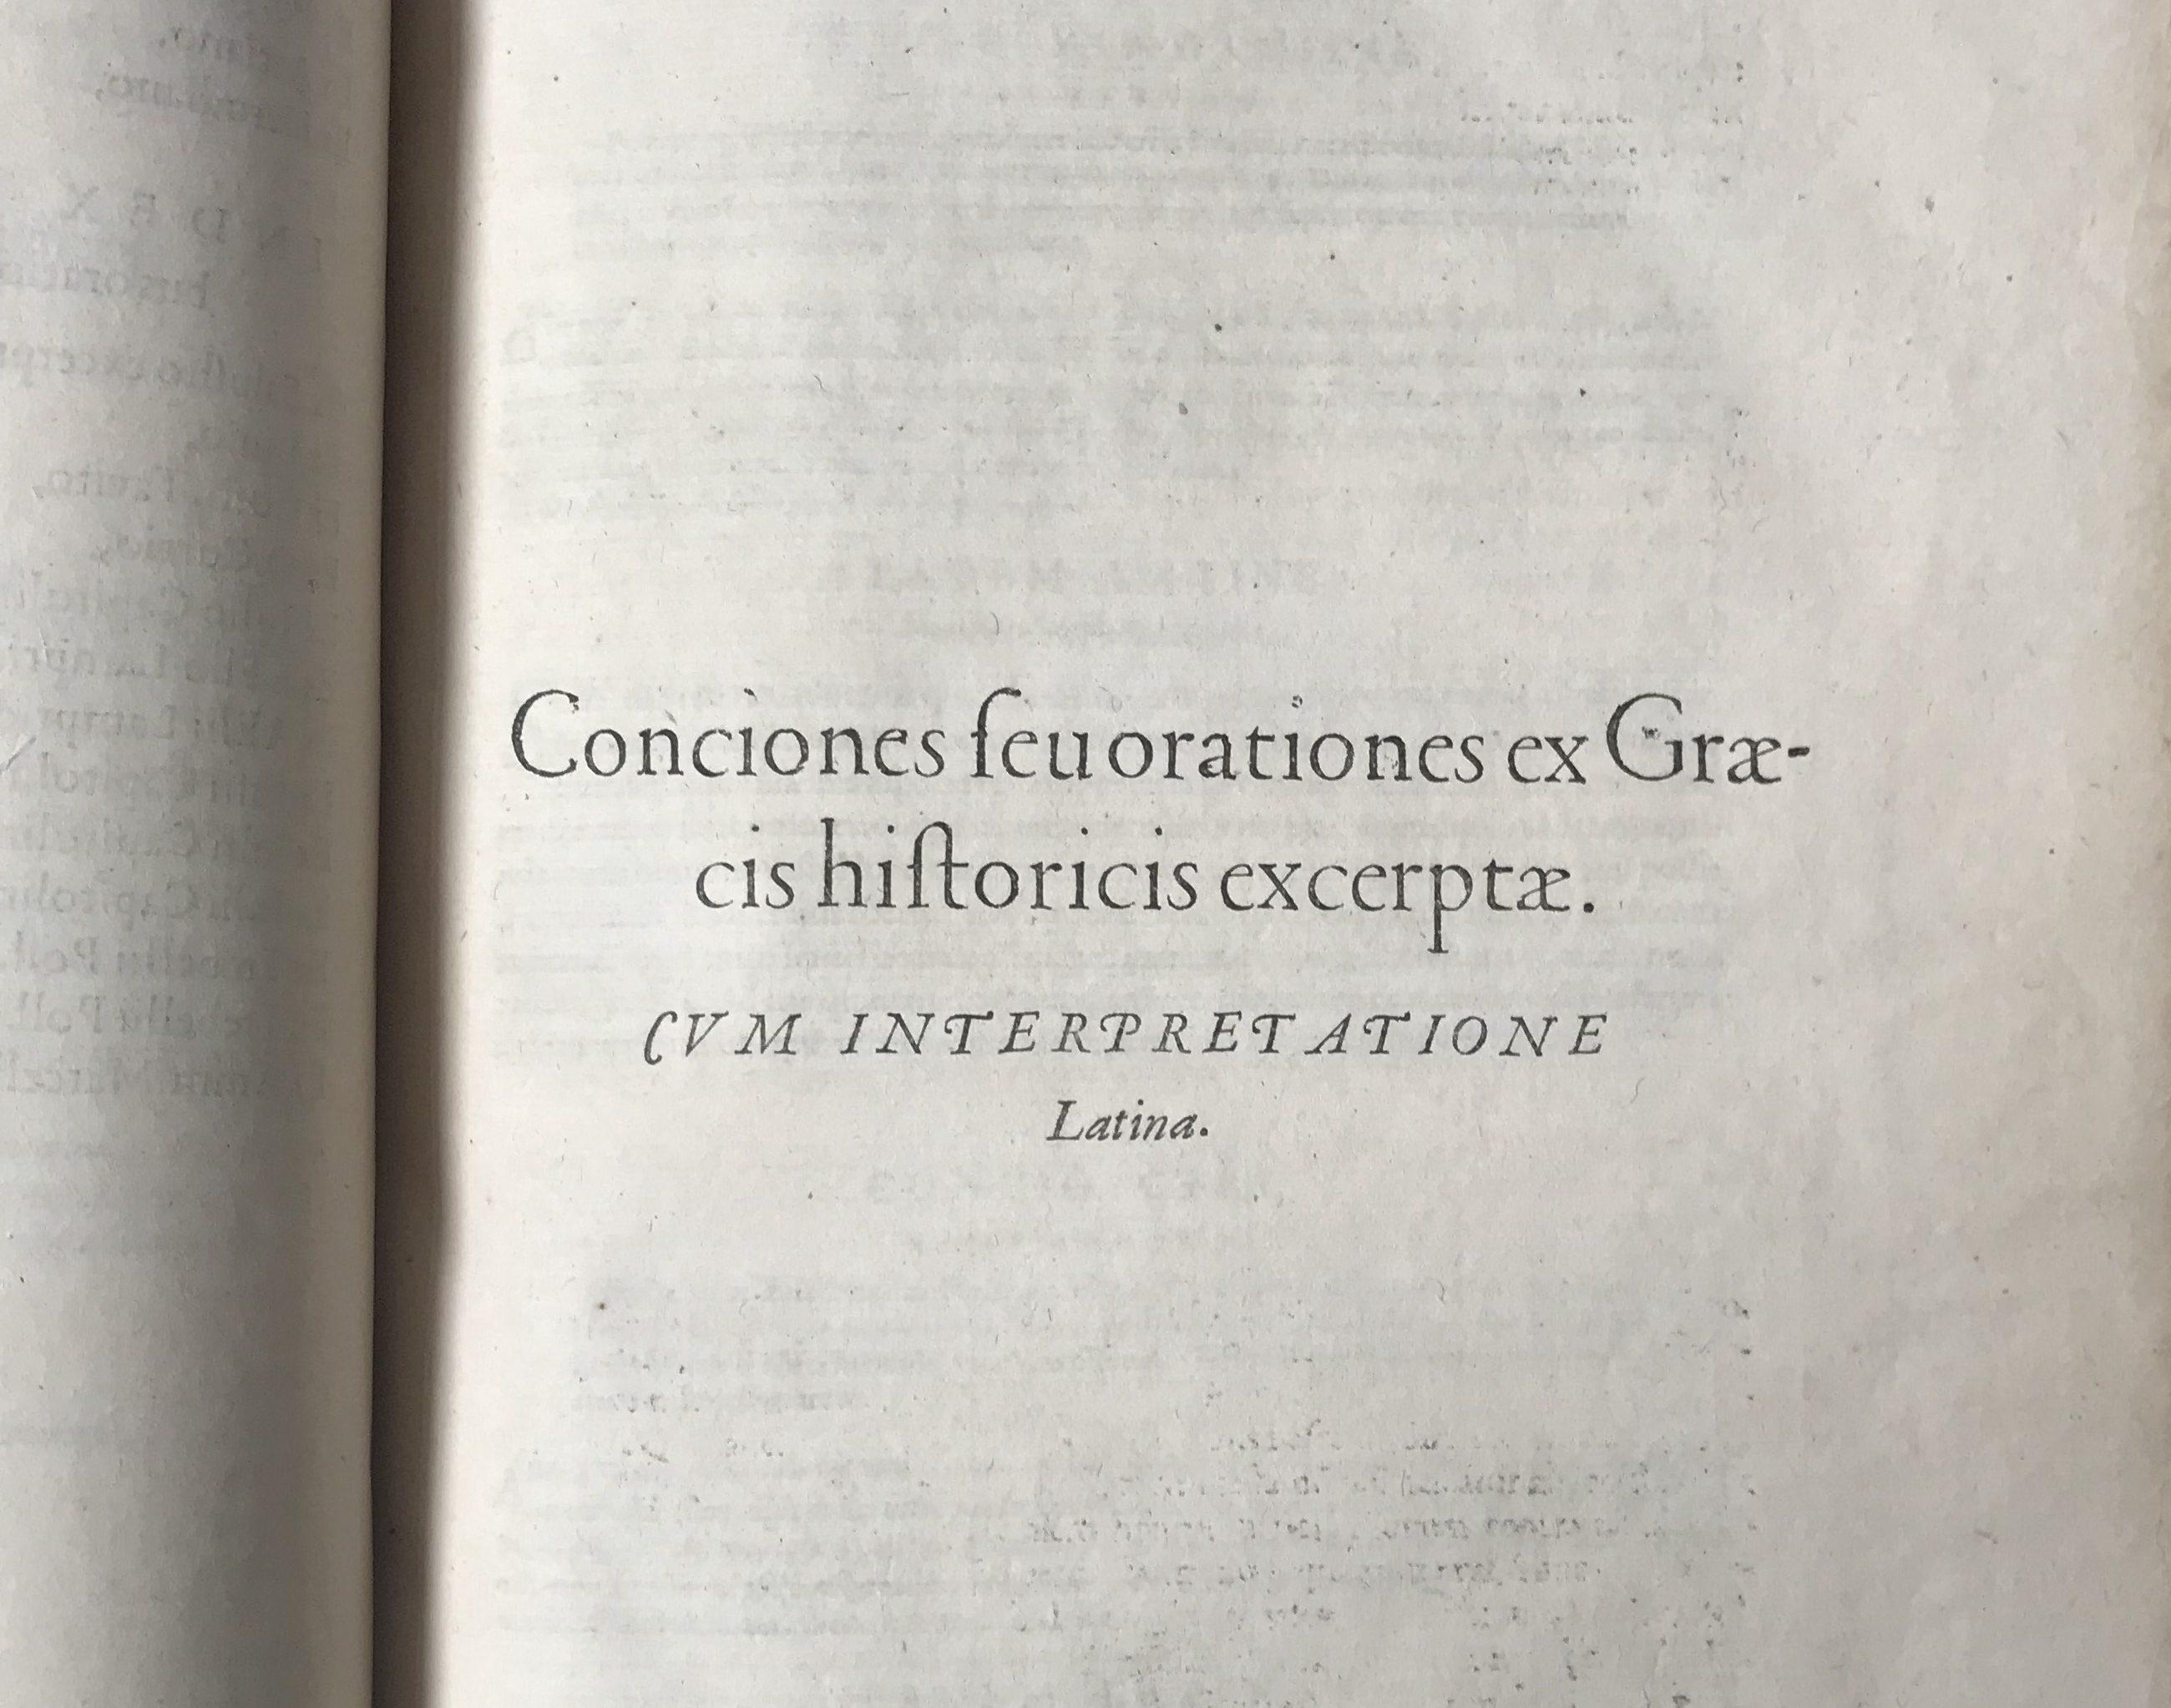 ESTIENNE, Henri(ed.)